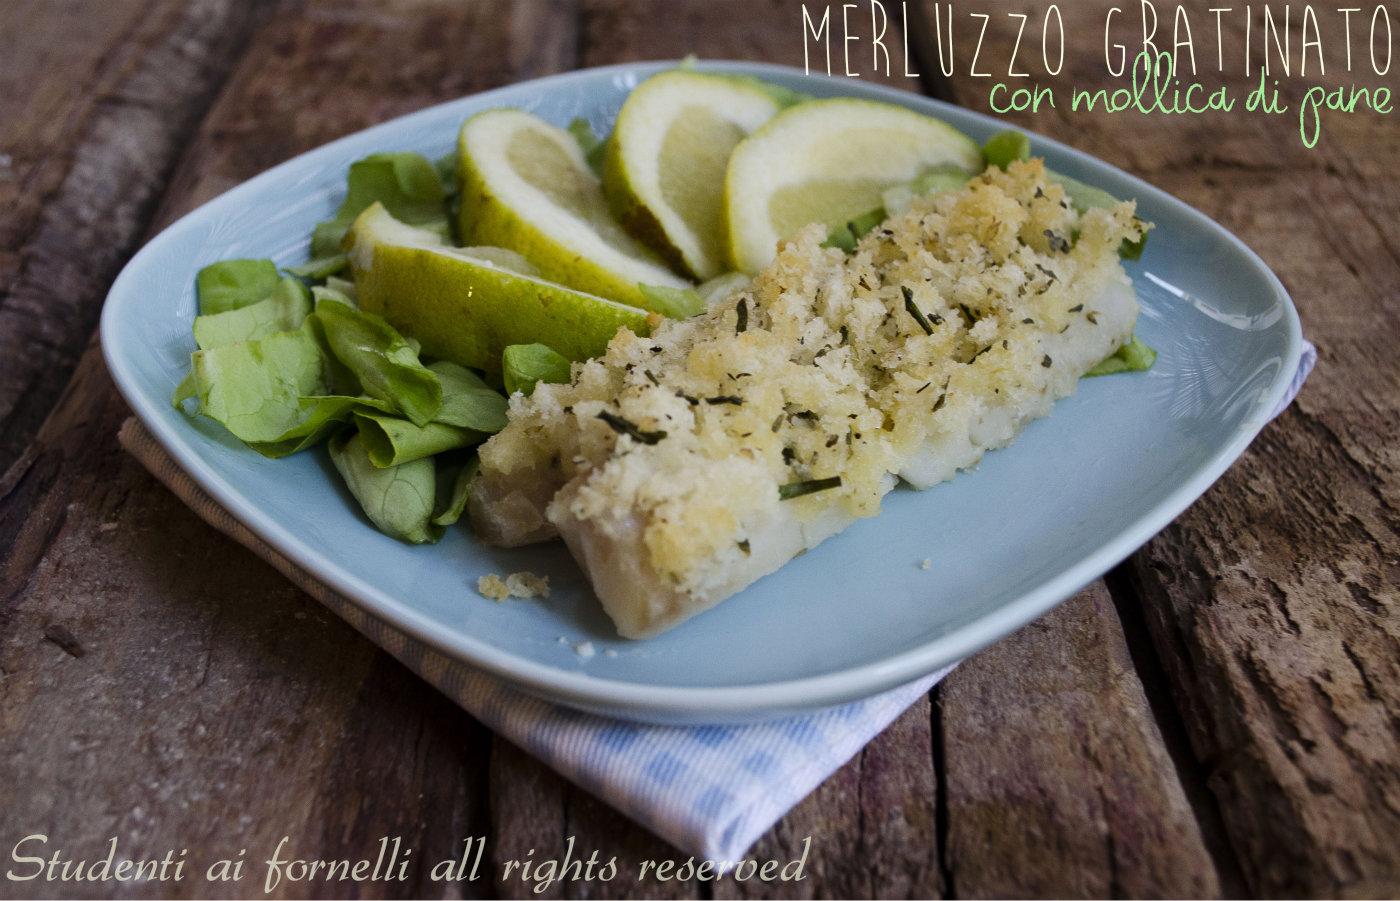 Merluzzo Gratinato Con Mollica Di Pane Ricetta Di Pesce Veloce